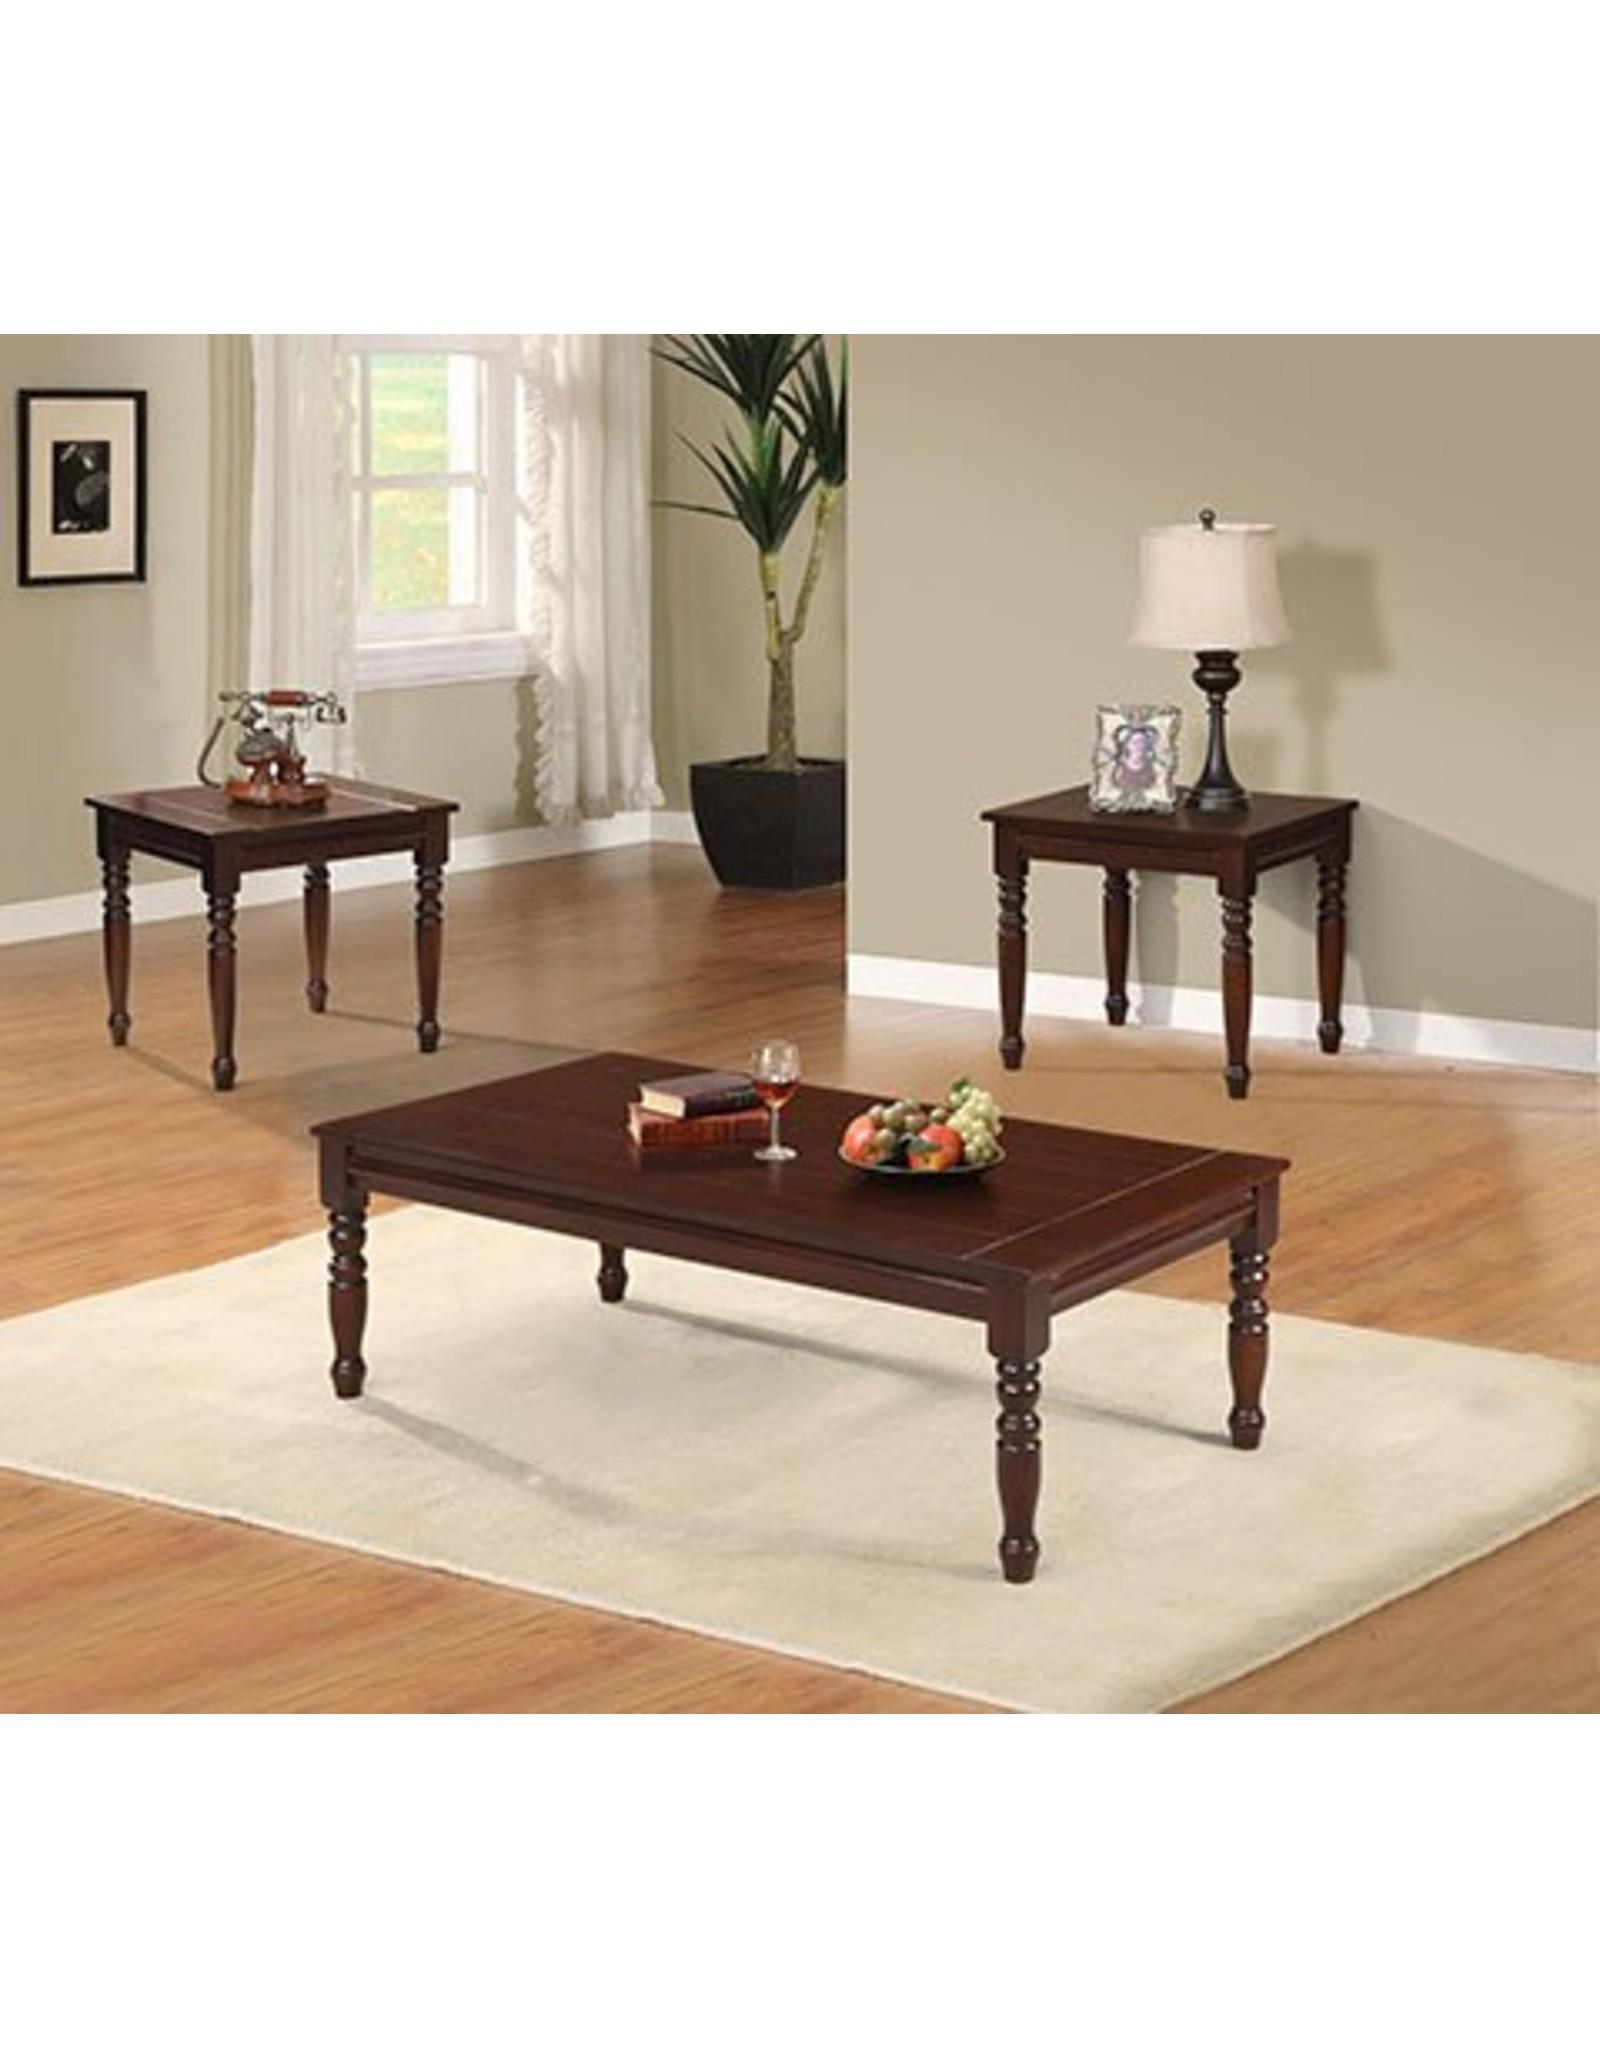 GR-932 3PC Table Set